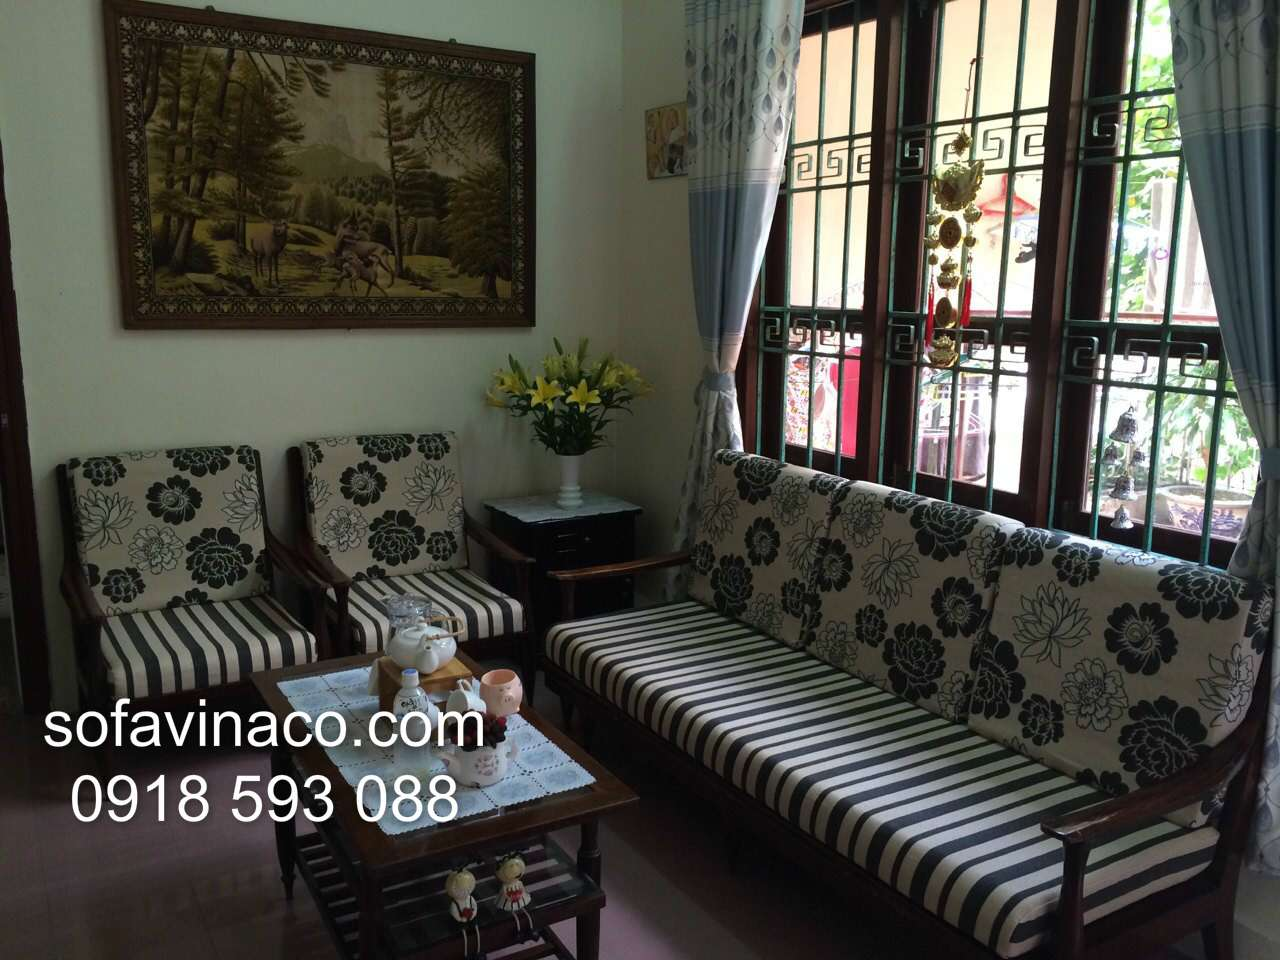 Làm đệm ghế gỗ nhà Chị Hoa Nguyễn Sơn Long Biên Hà Nội